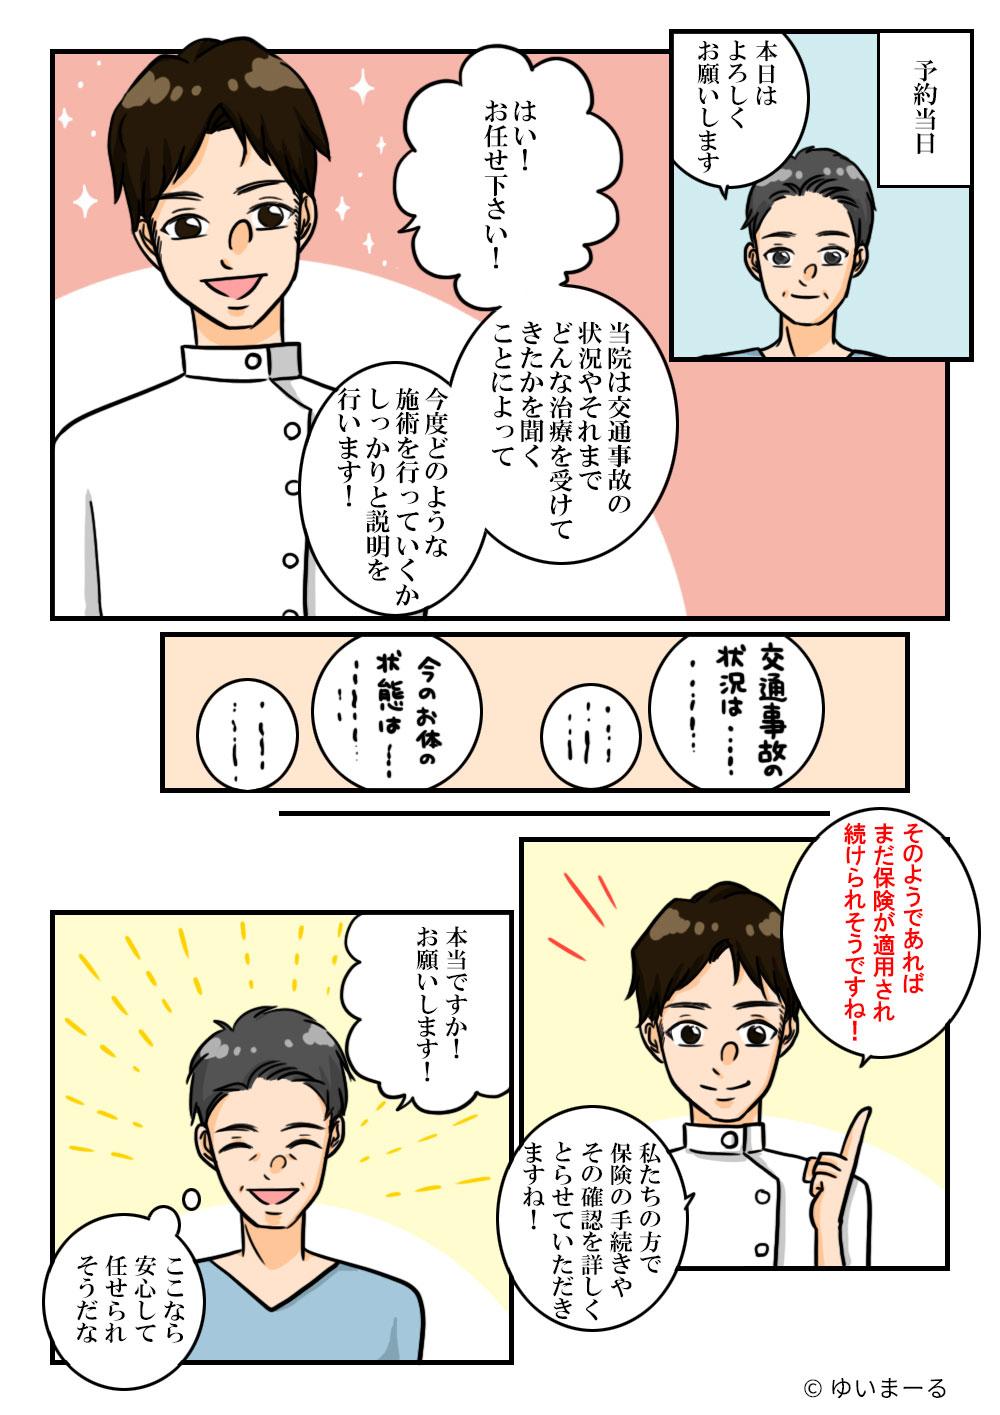 漫画4-4